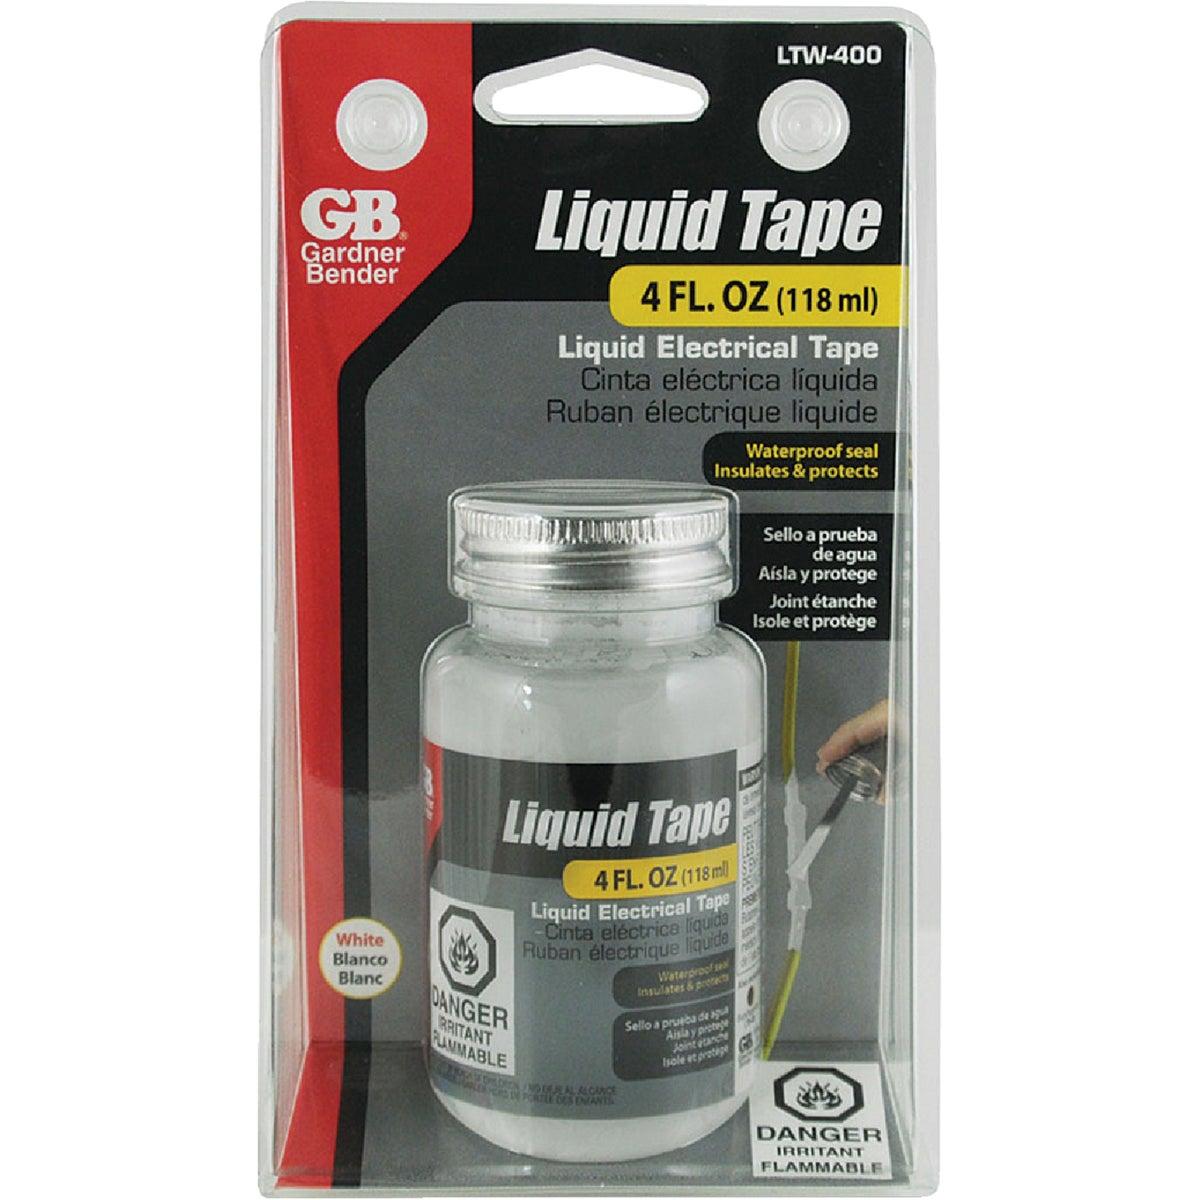 White Liquid Tape